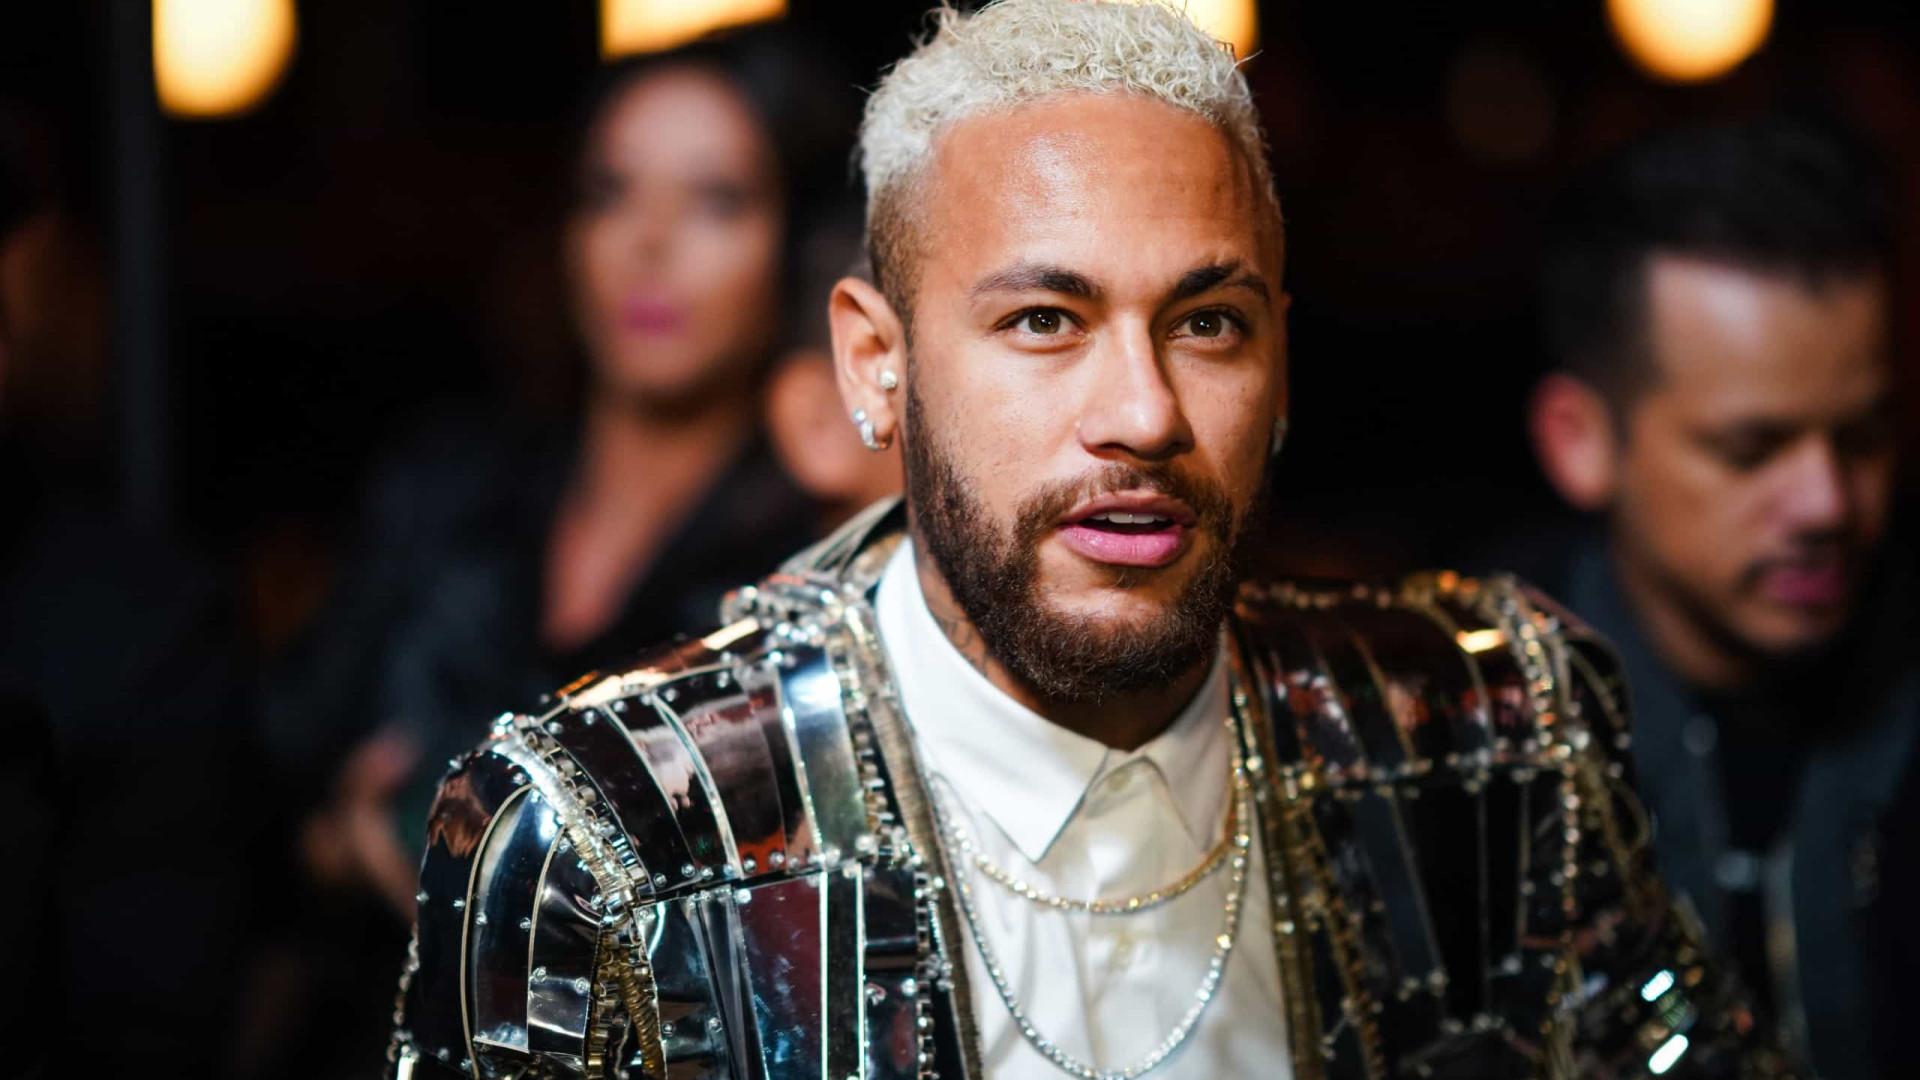 Antes de retorno a Paris, Neymar tira moldes para calçada da fama do Maracanã